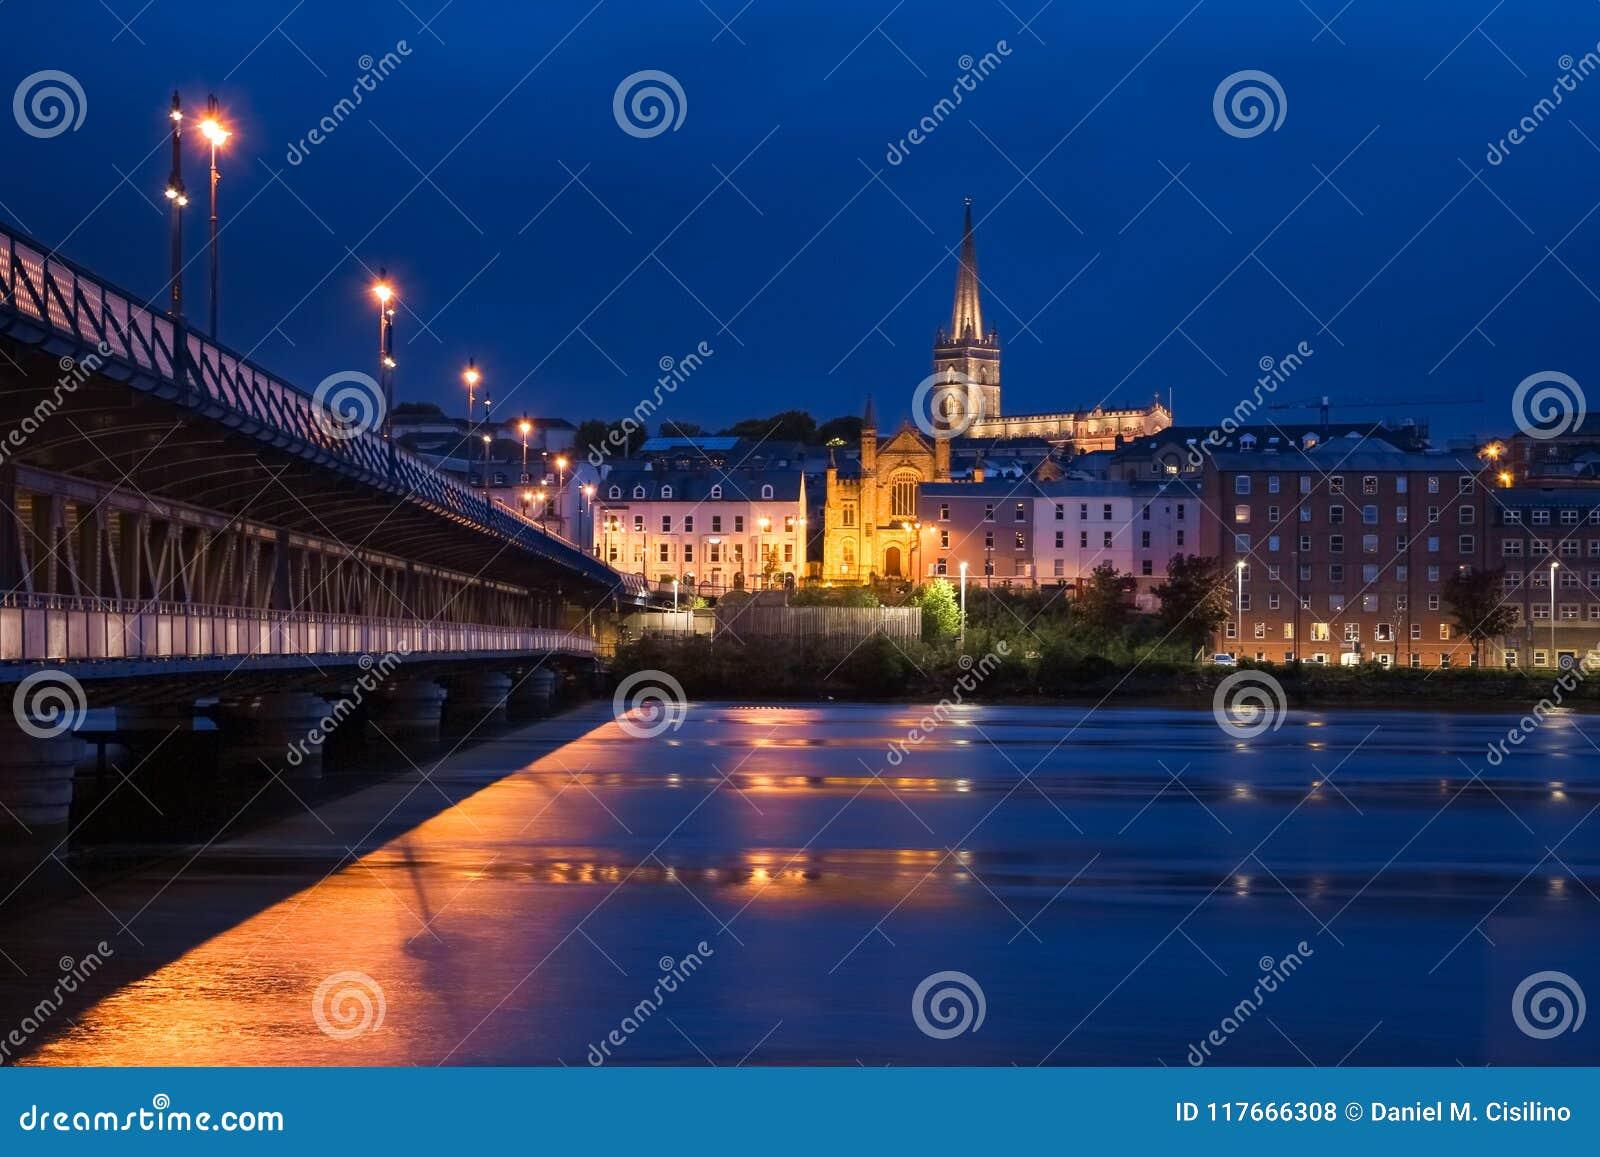 δεμένη όψη σκαφών λιμένων νύχτας Derry Londonderry Βόρεια Ιρλανδία βασίλειο που ενώνεται